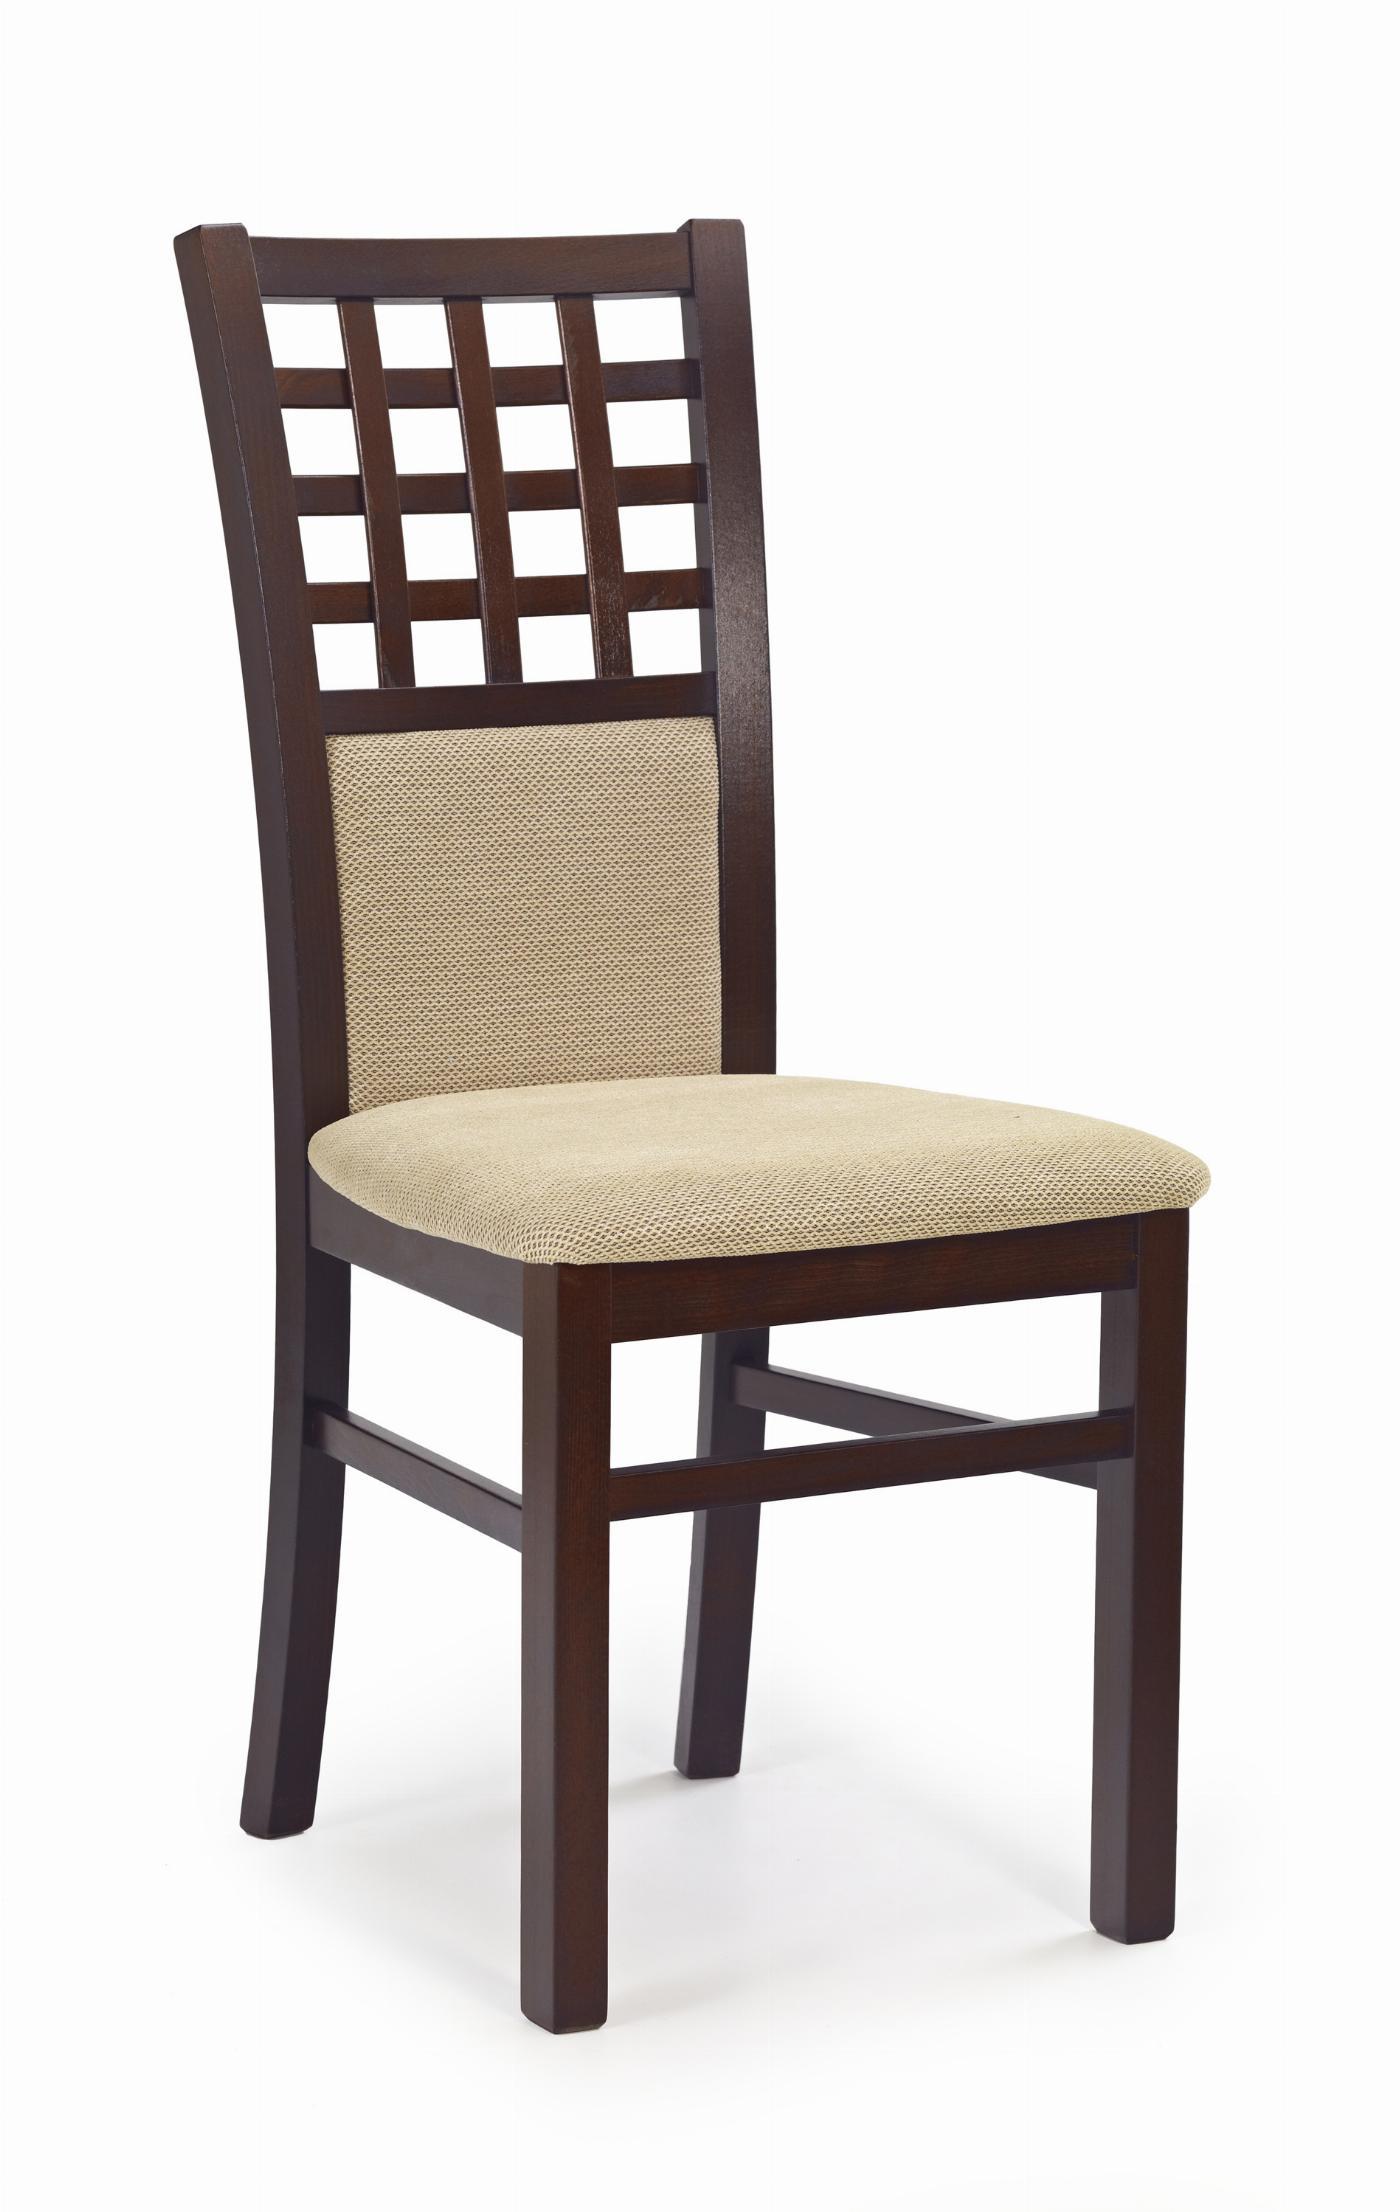 GERARD3 krzesło ciemny orzech / tap: Torent Beige (1p=2szt)